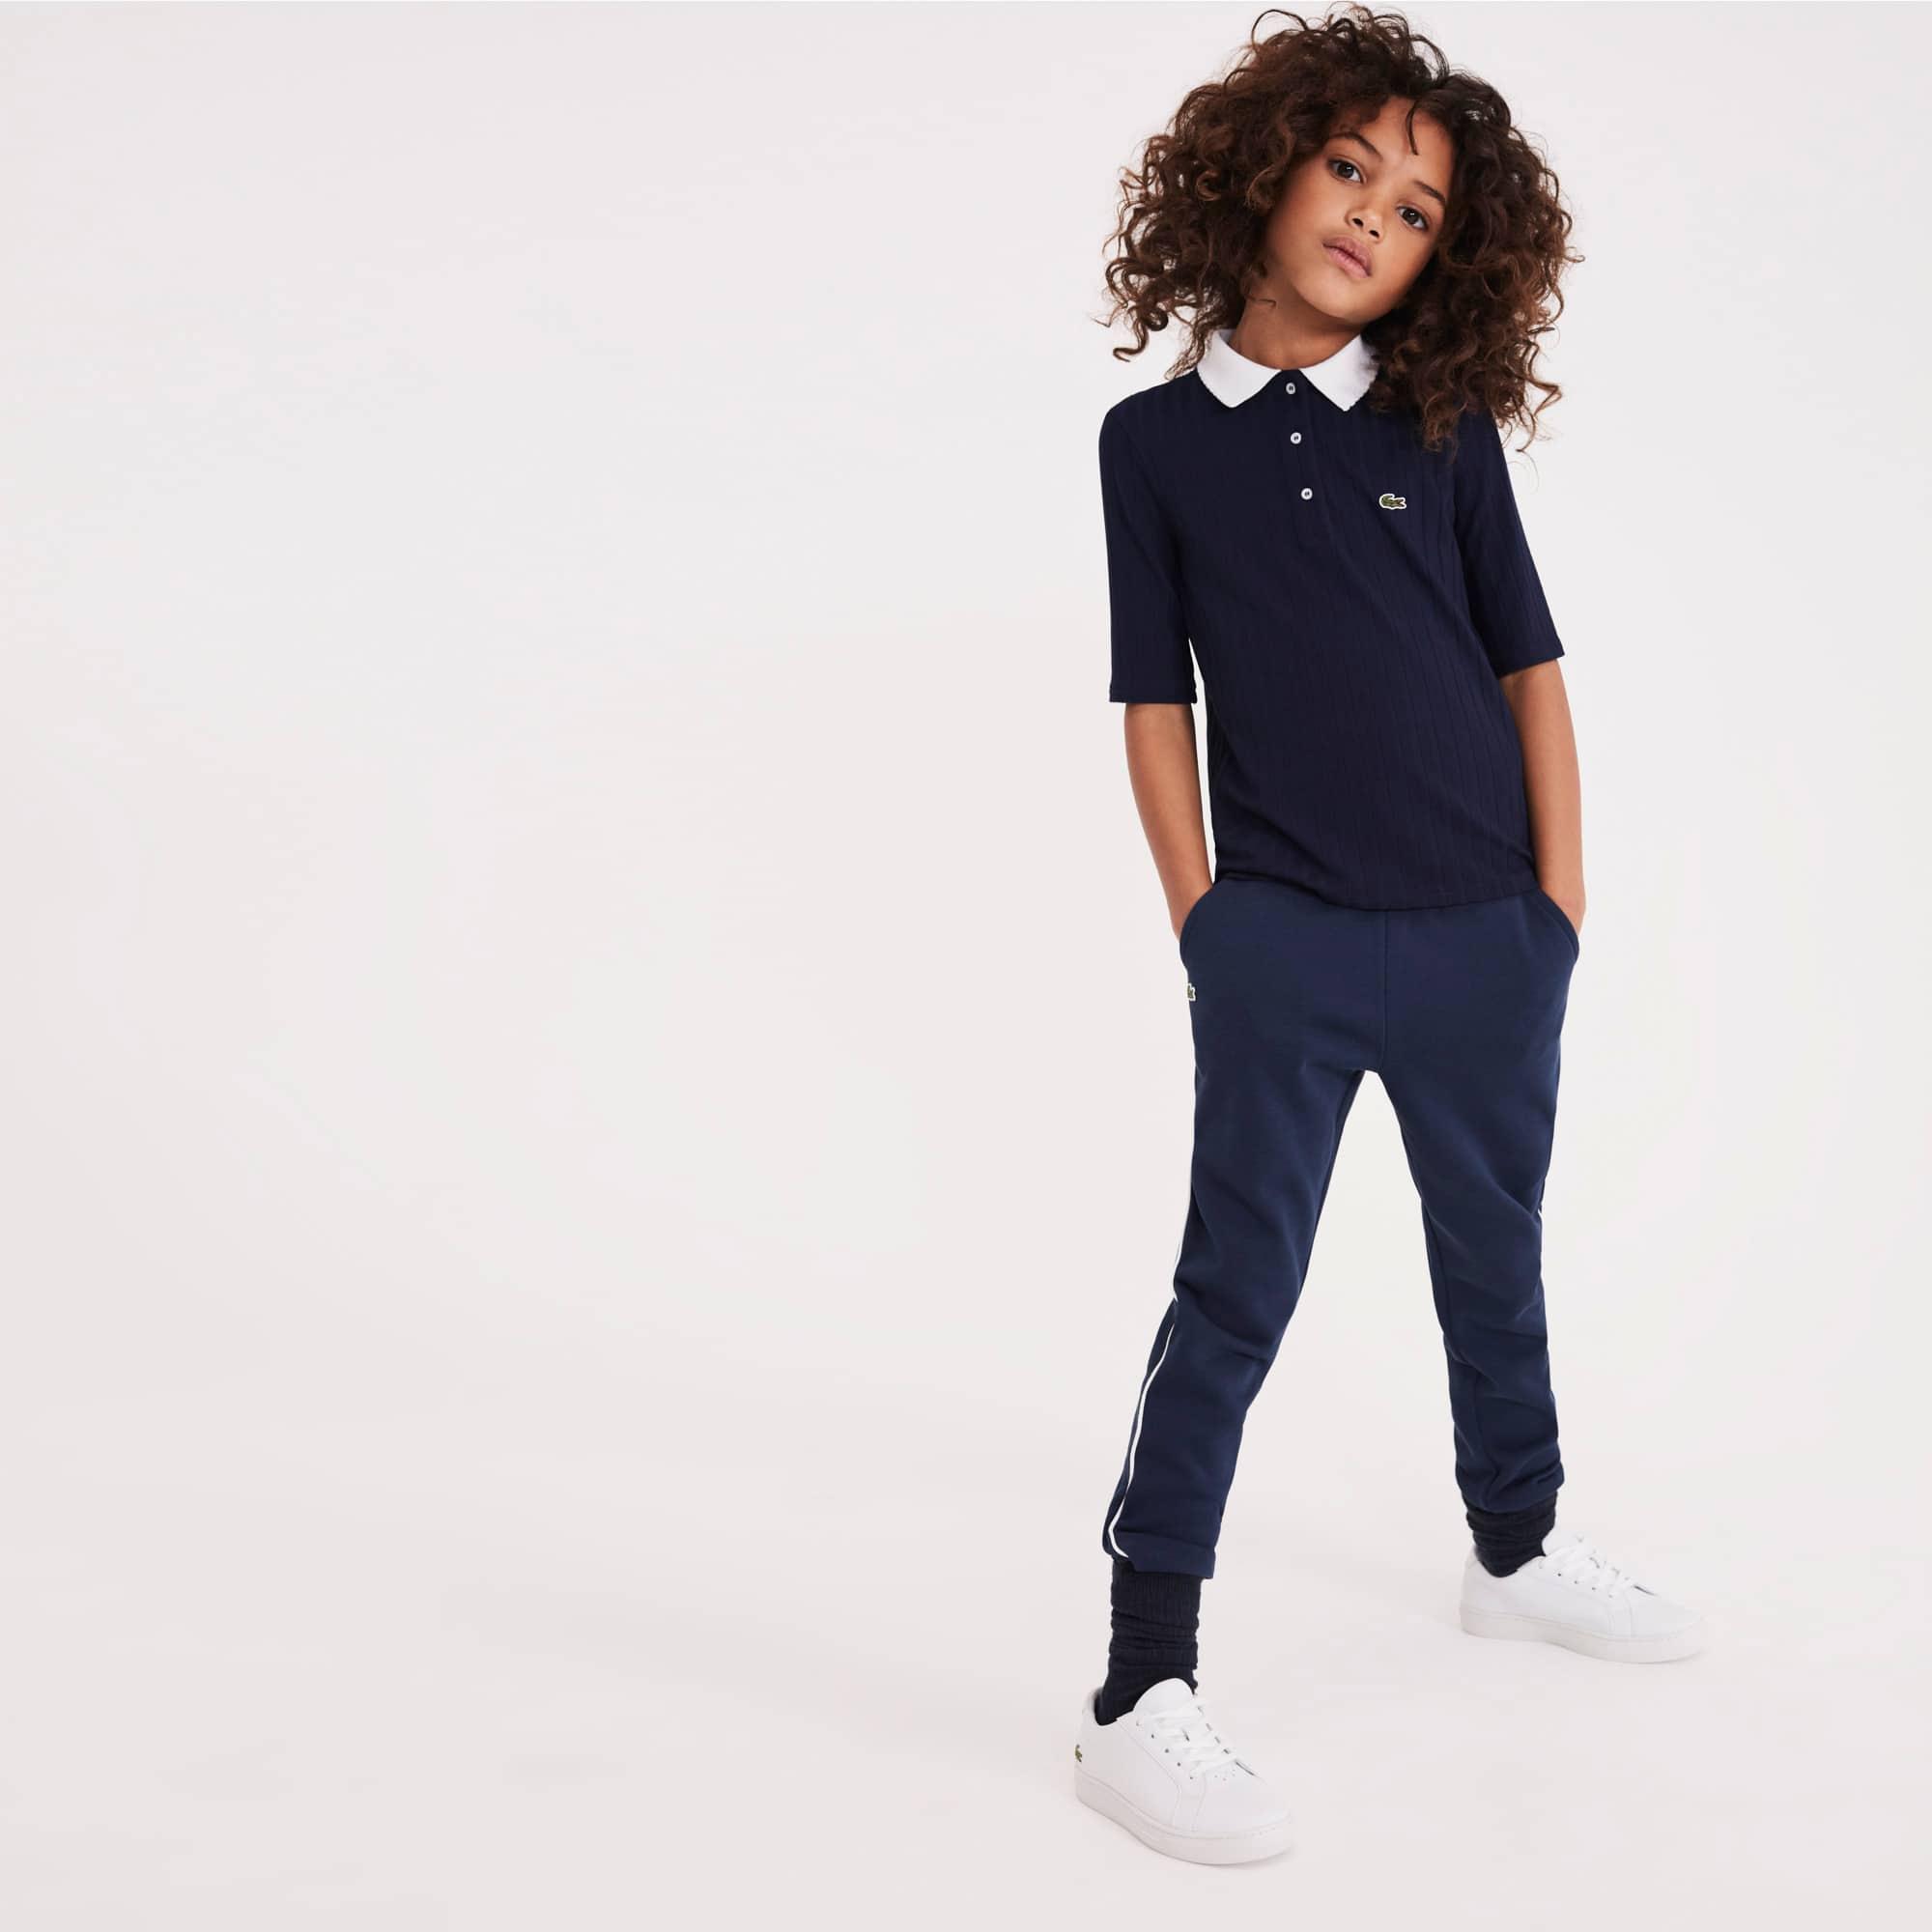 라코스테 Lacoste Girls Contrast Neck Stretch Ribbed Knit Polo,Navy Blue / White • 525